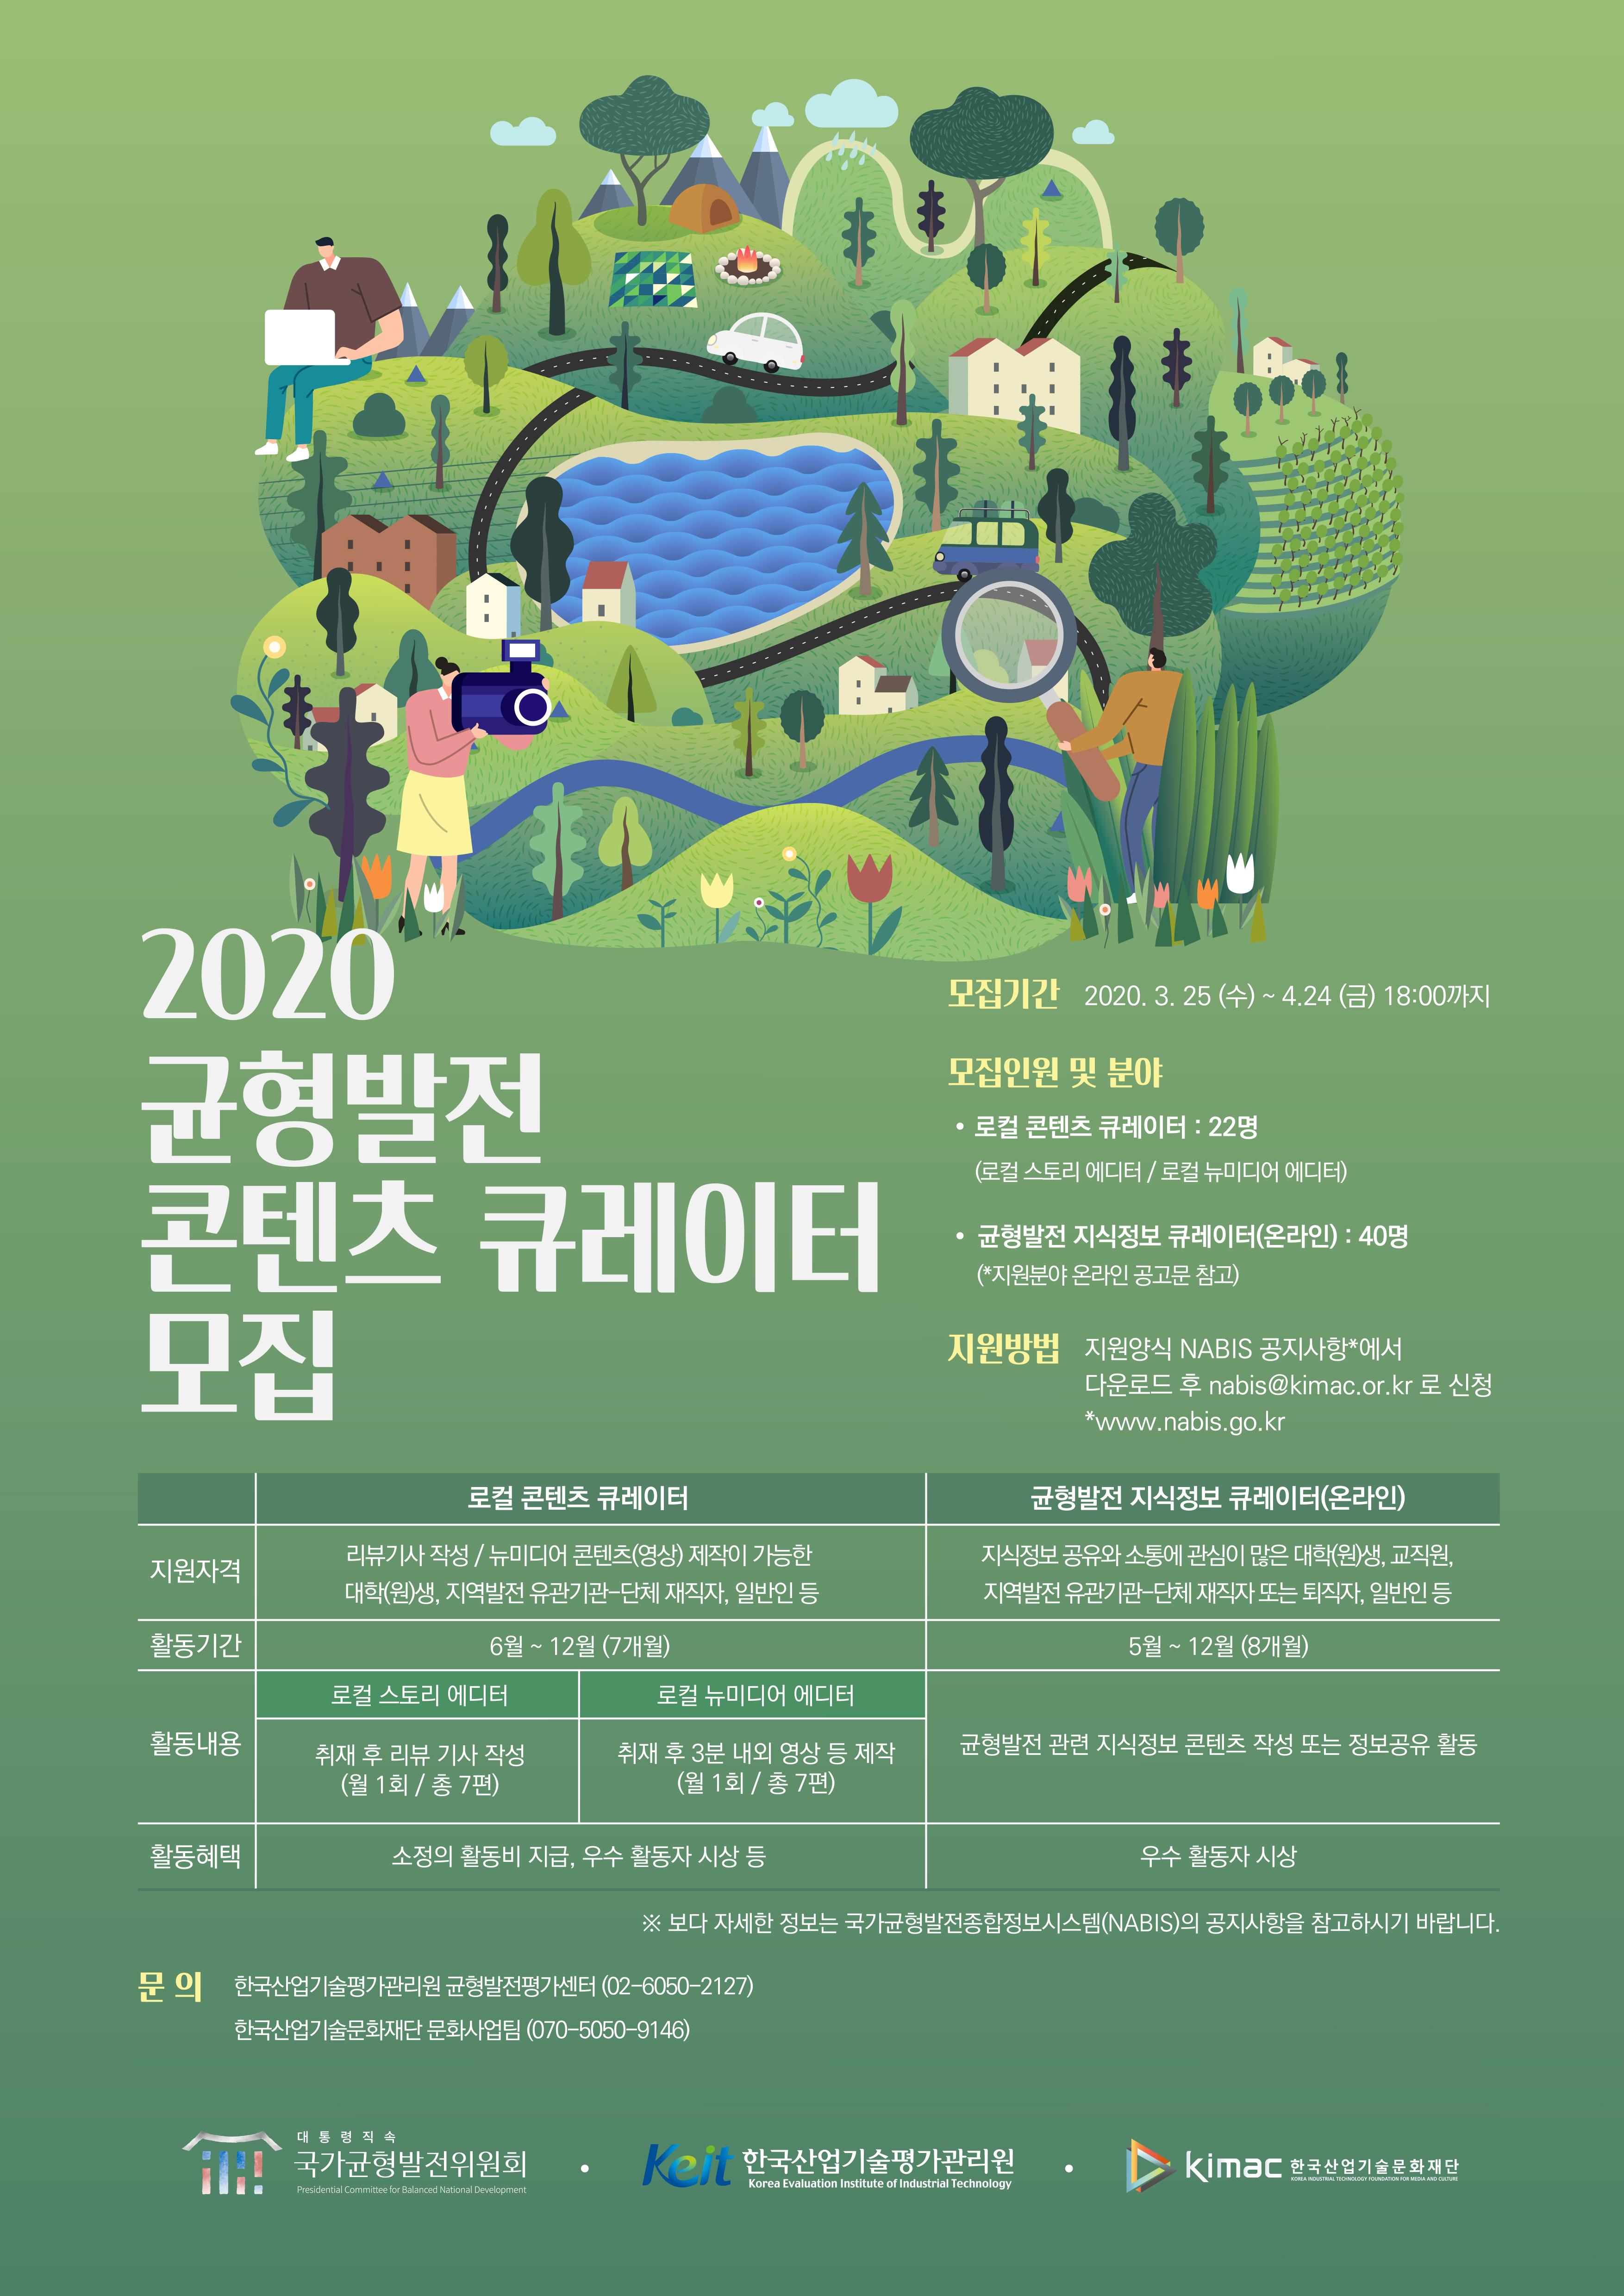 (최종본) 2020 균형발전 콘텐츠 큐레이터 모집 포스터 2020-03-24.jpg